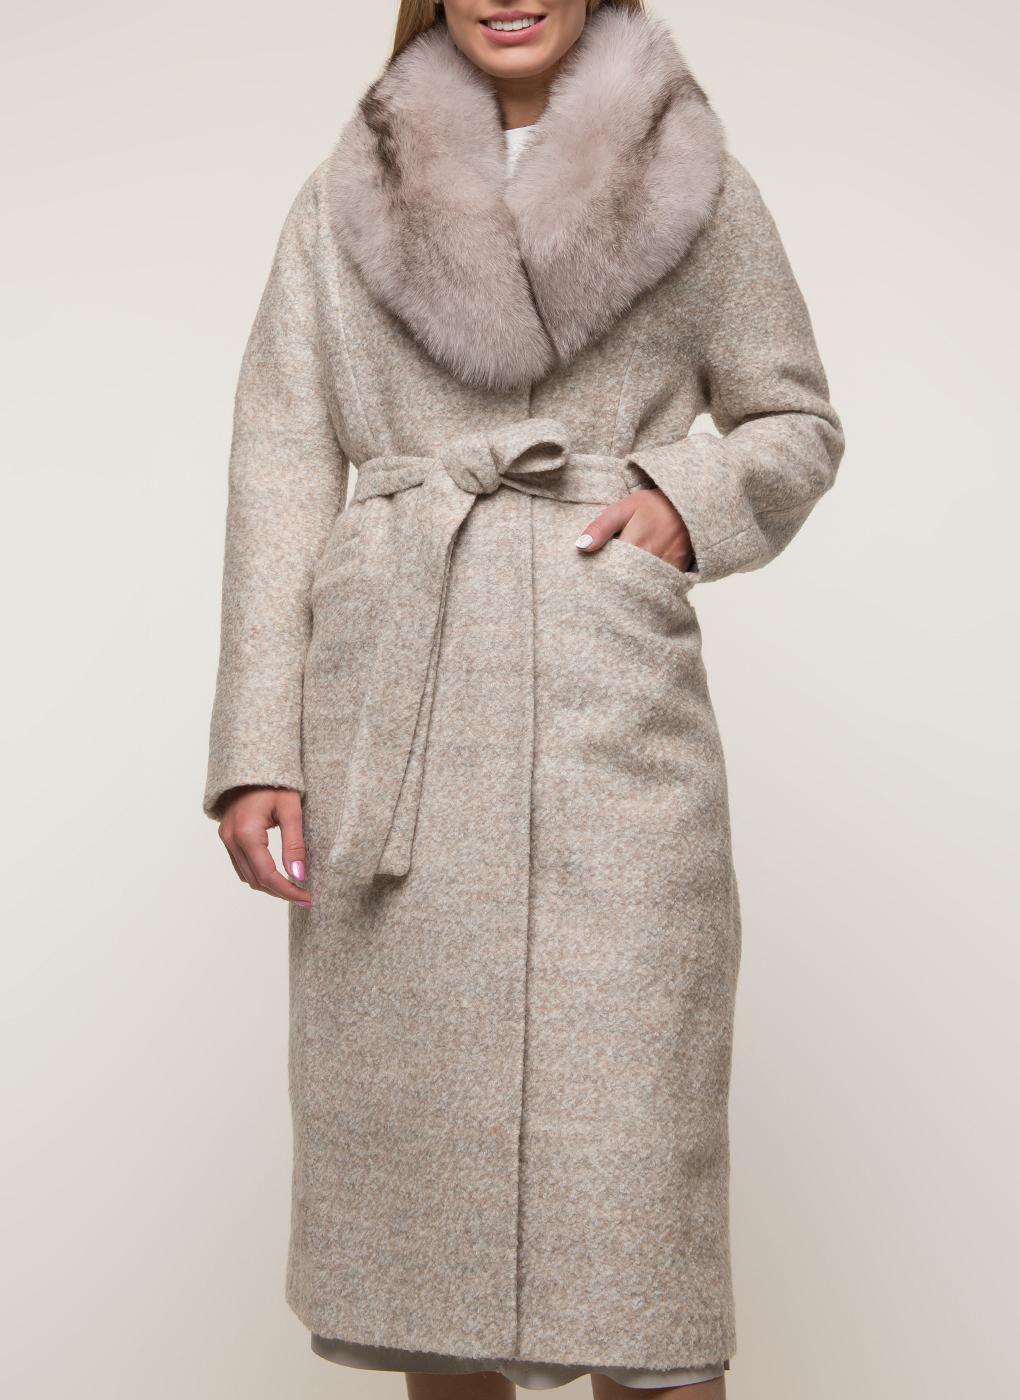 Пальто полушерстяное 55, Crosario фото